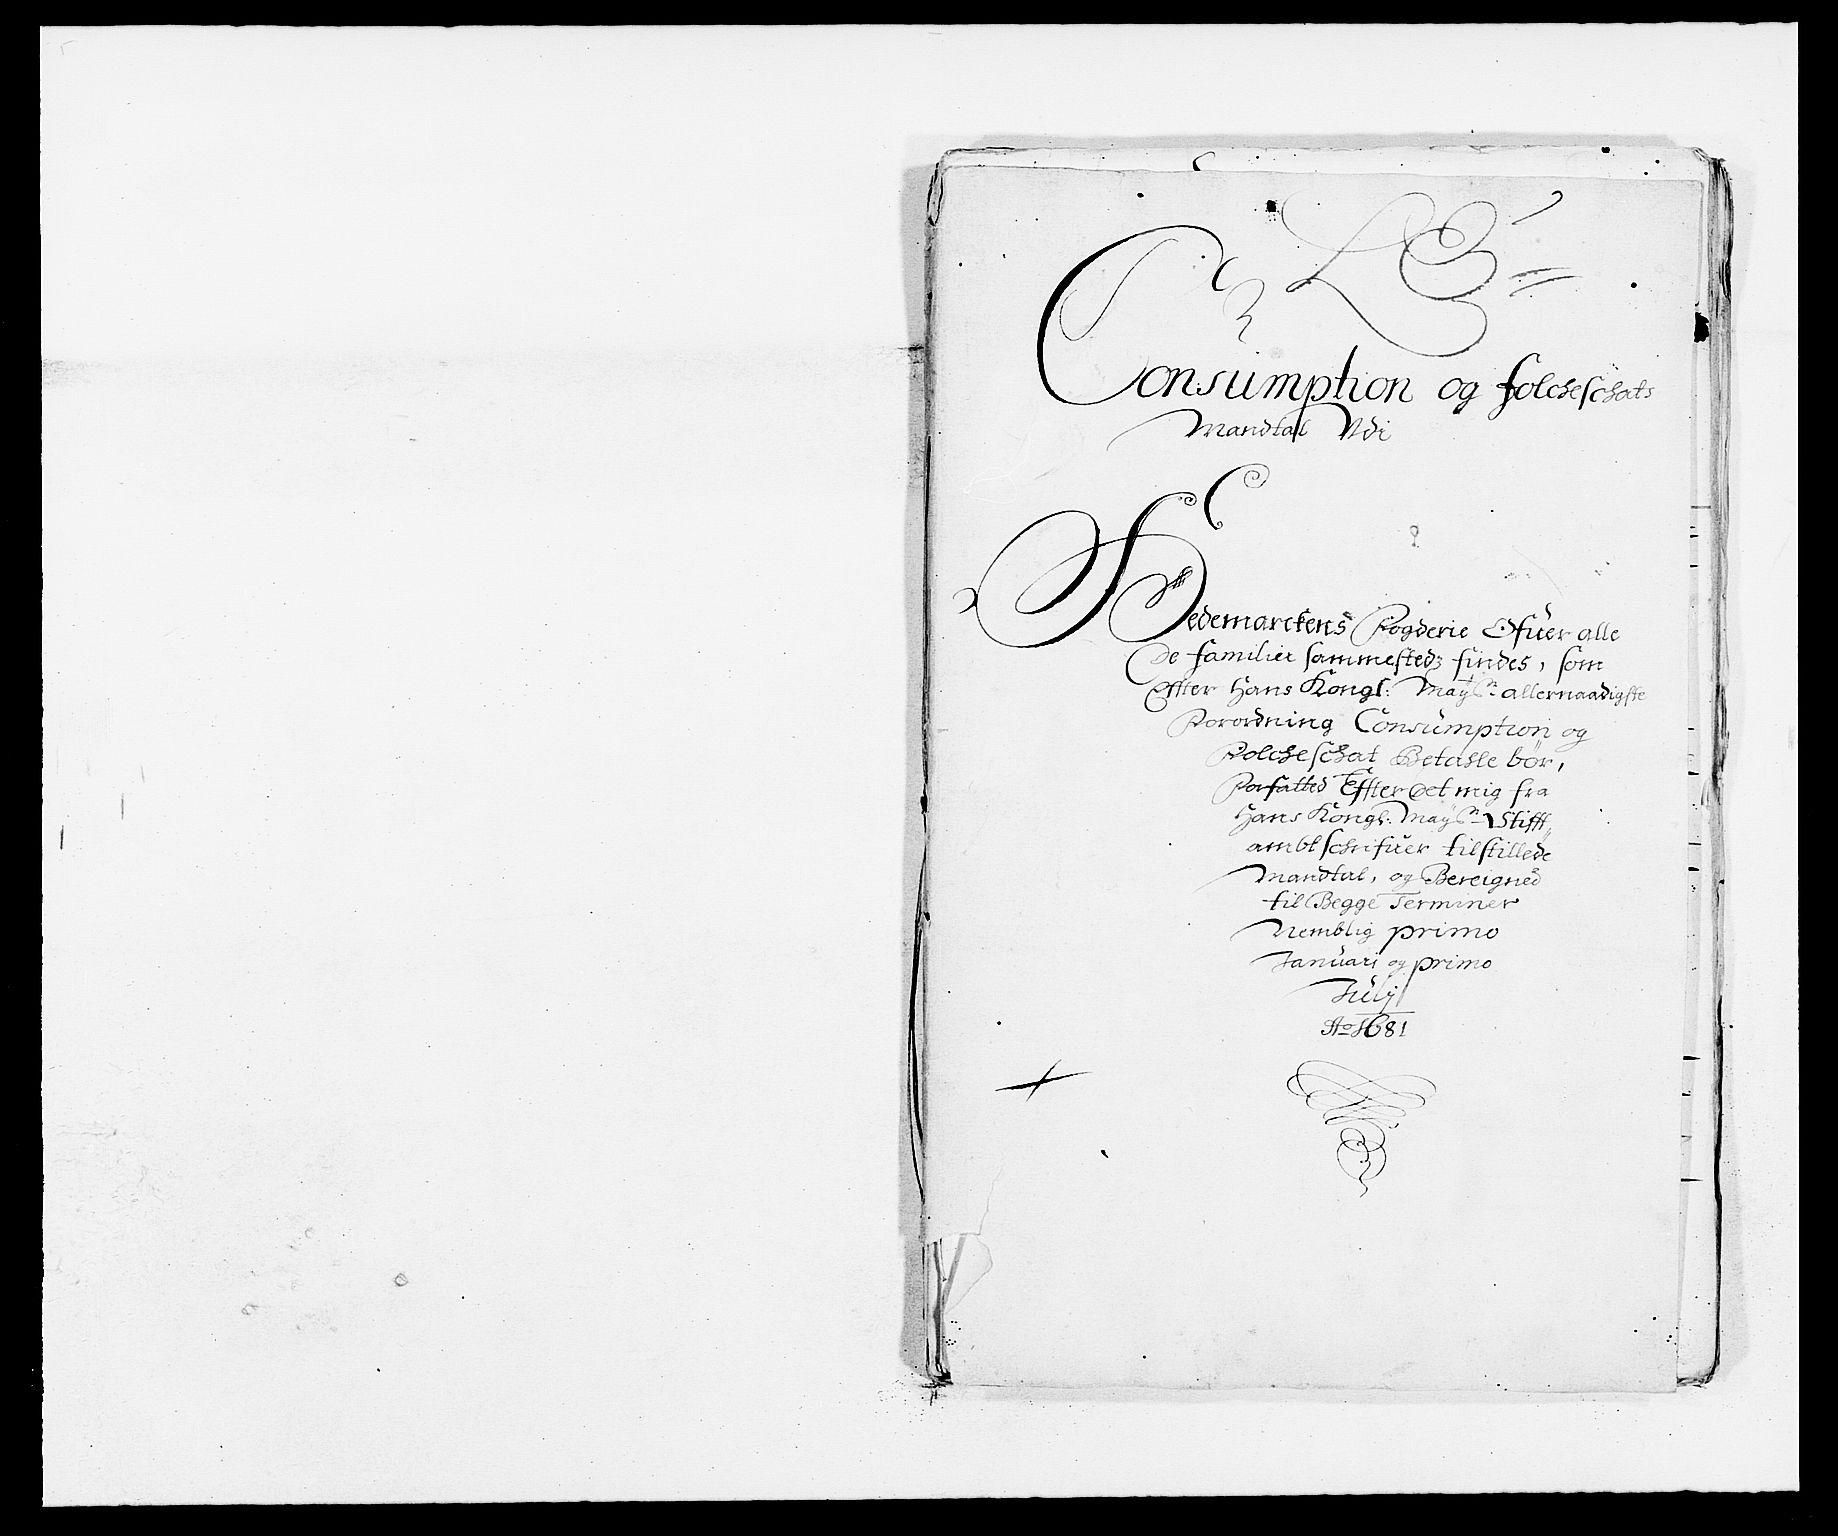 RA, Rentekammeret inntil 1814, Reviderte regnskaper, Fogderegnskap, R16/L1021: Fogderegnskap Hedmark, 1681, s. 176